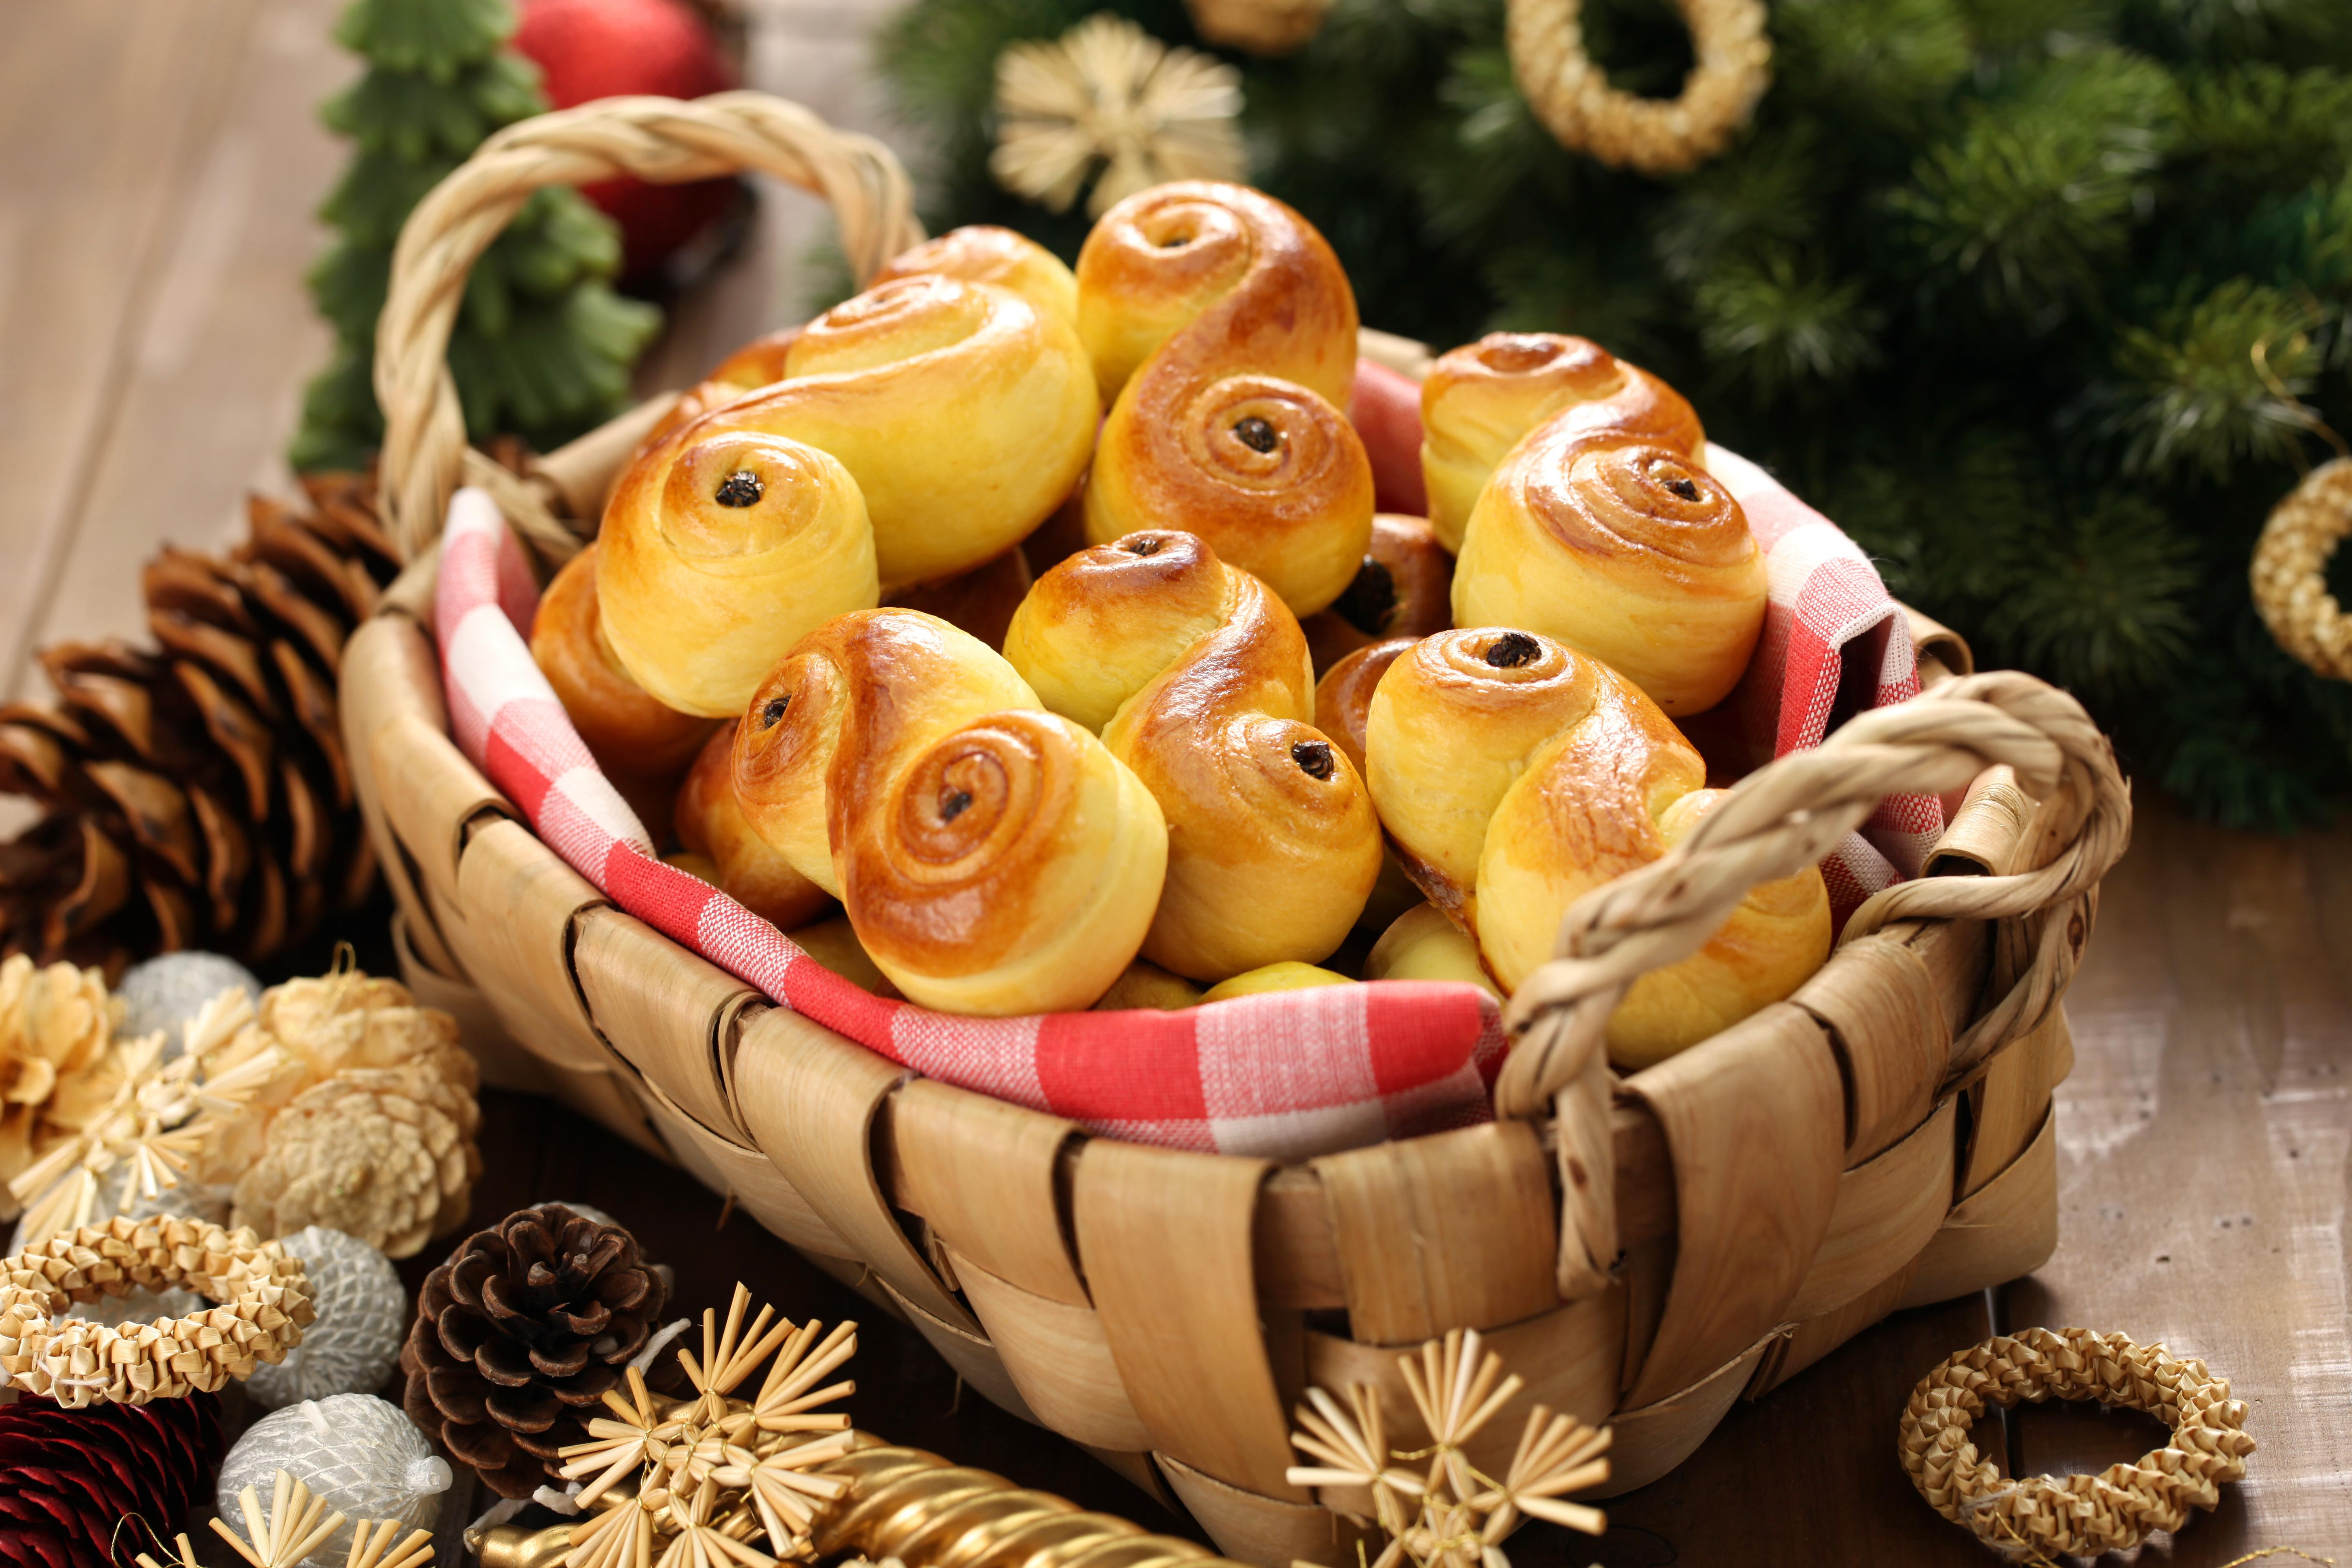 shutterstock_554374207 lussebullar glutenfria hälsa medicin välbefinnande doktorn anders åker netdoktor 1177 recept advent jul glutenintolerans.jpg